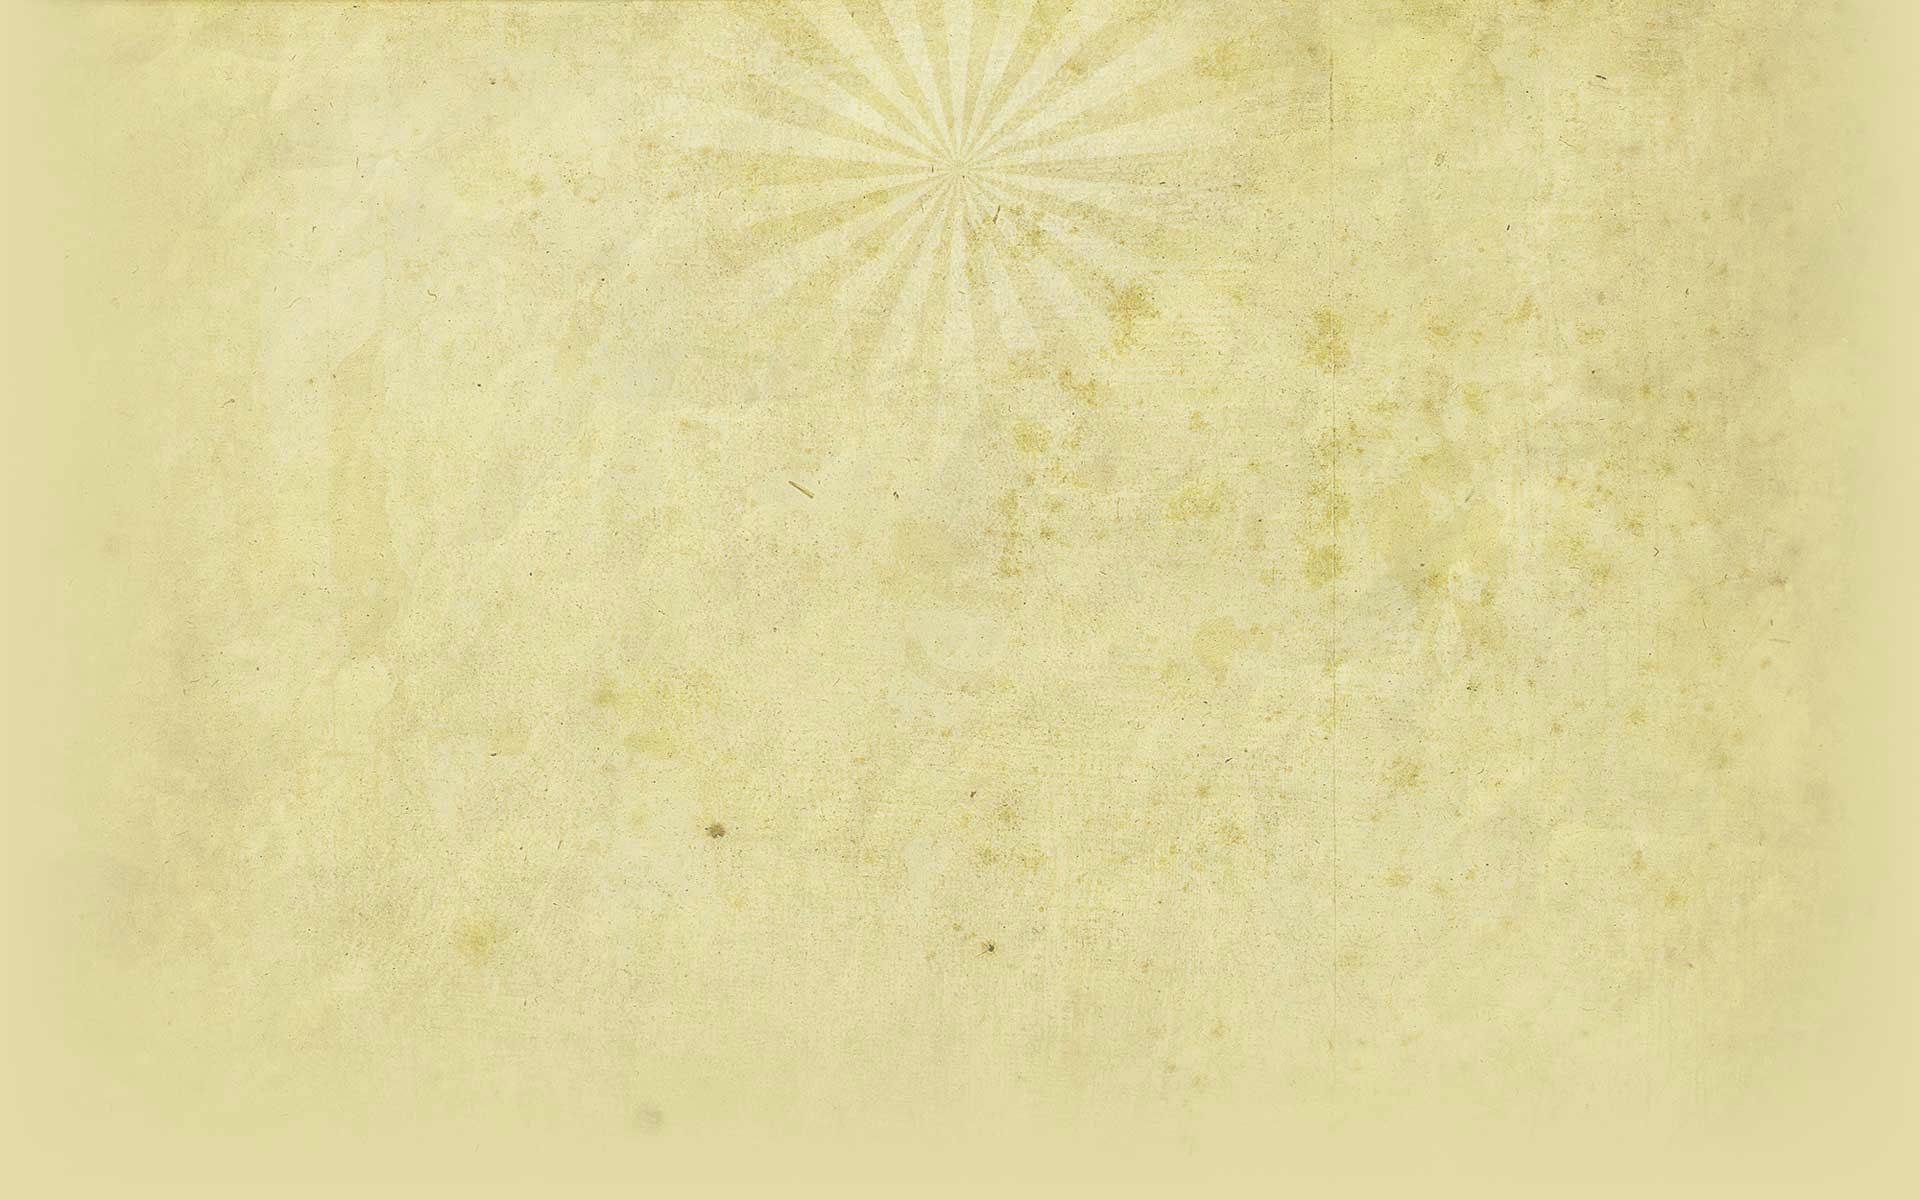 Parchment Background wallpaper - 416844